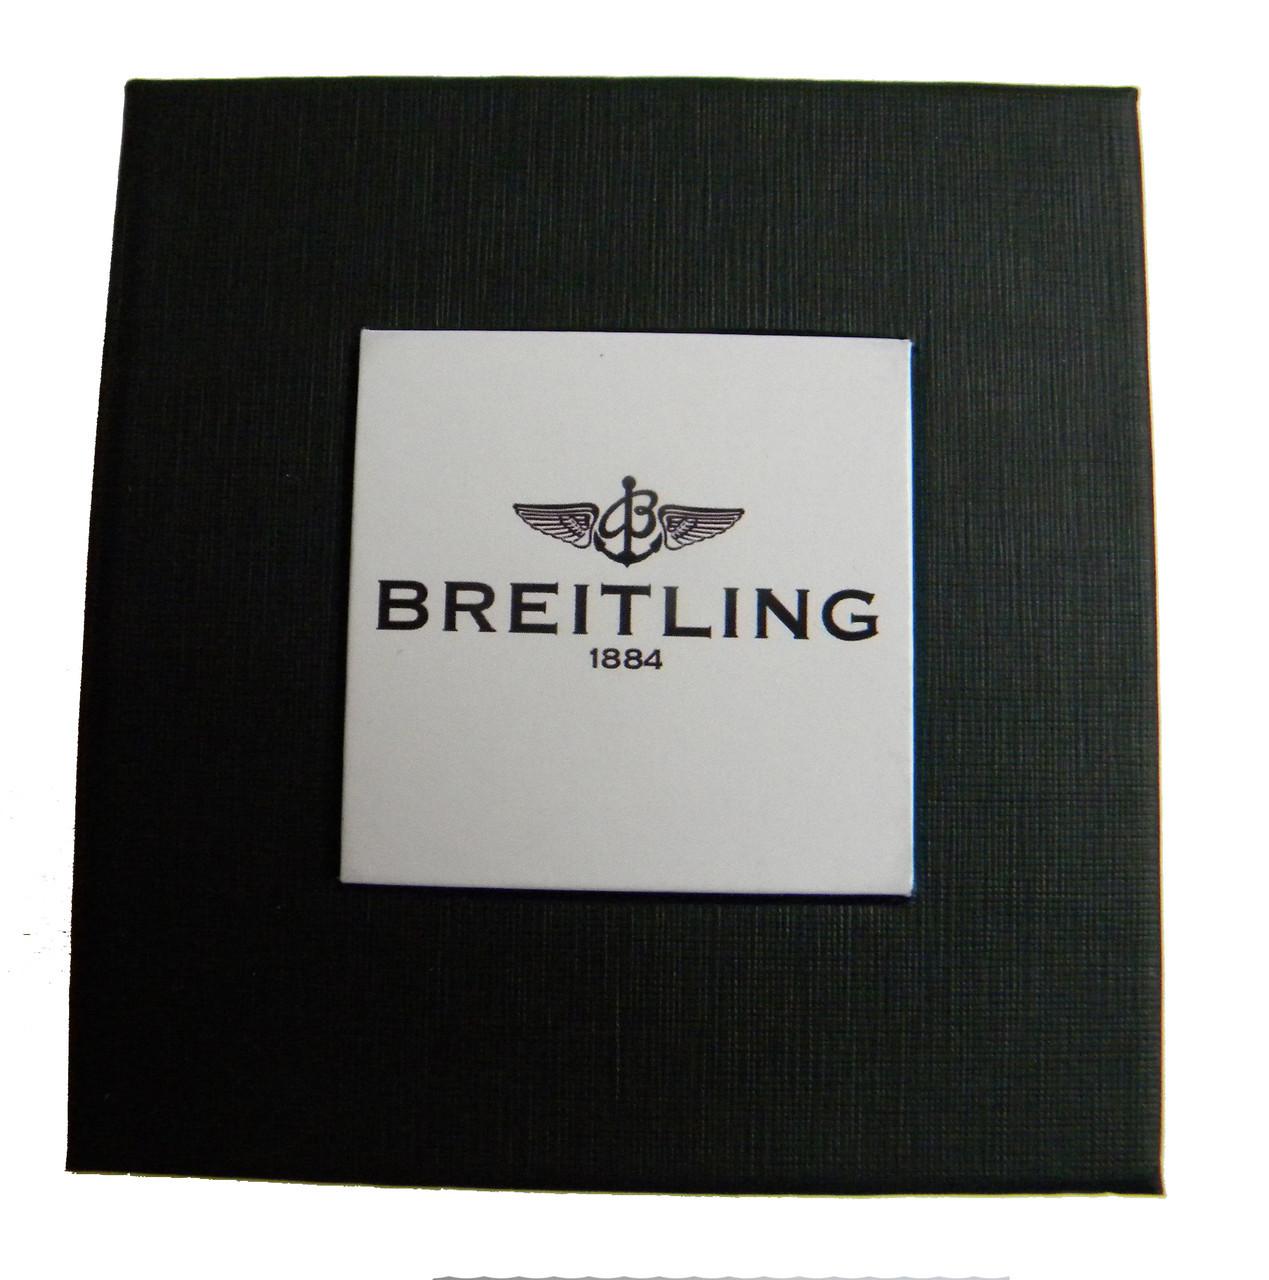 Подарочная упаковка - коробка для часов, Breitling (Брайтлинг), черный с белым ( код: IBW108-8 )